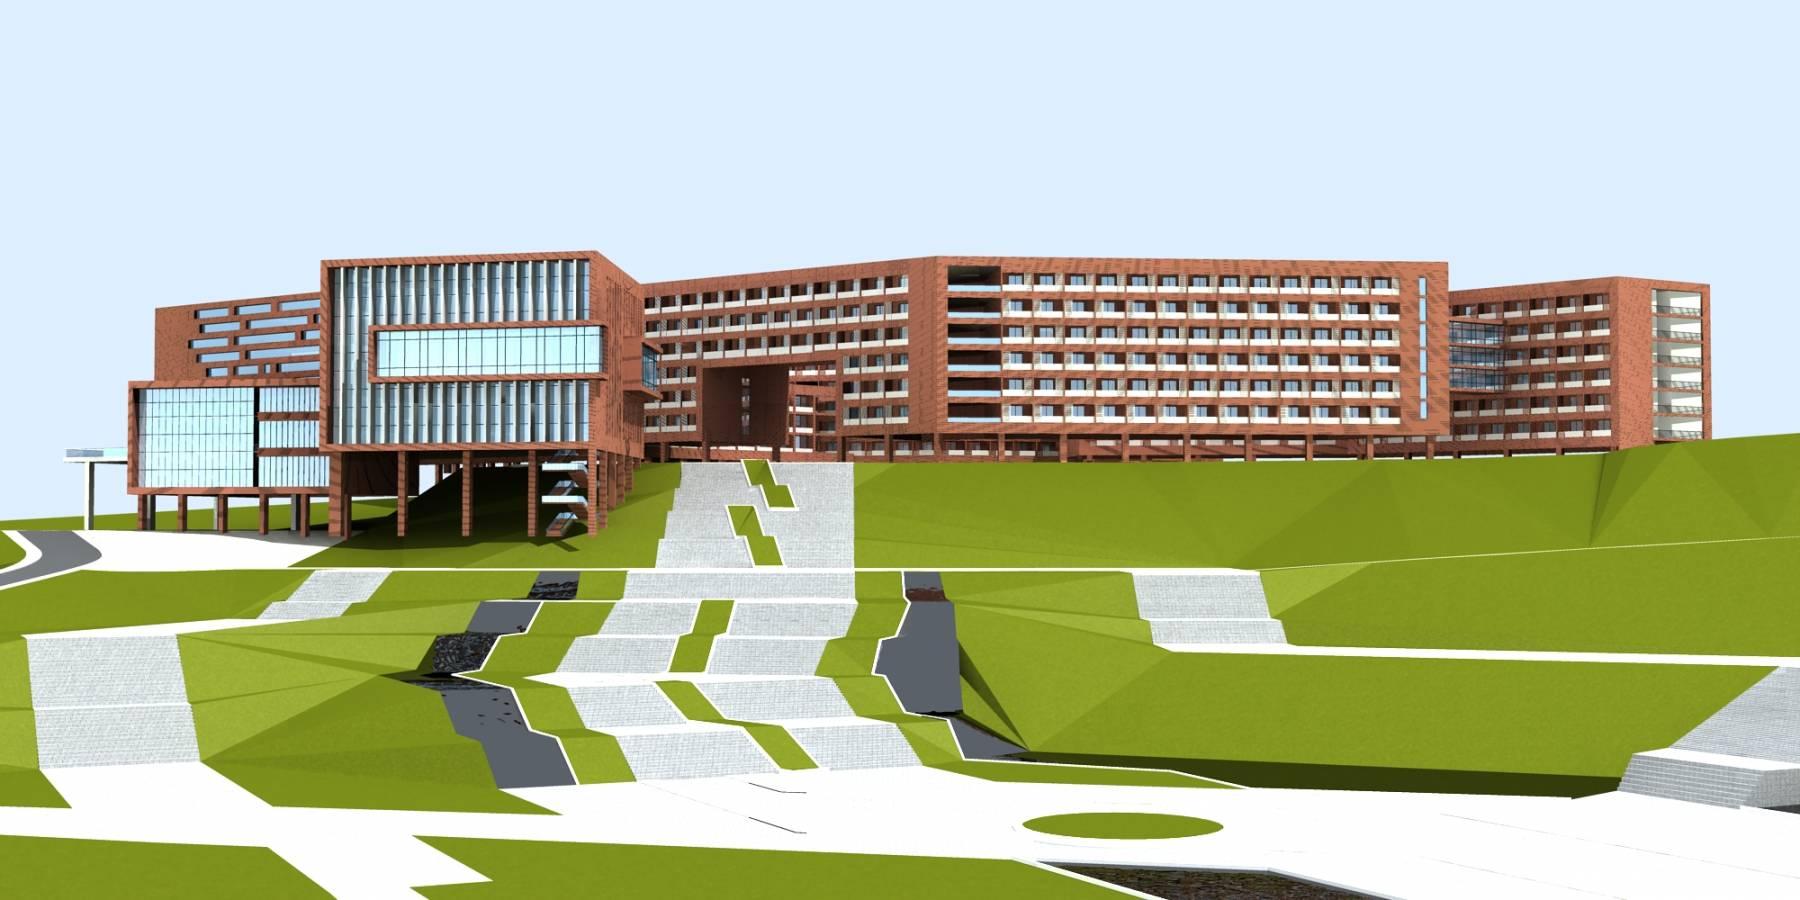 现代学校多层教学群楼